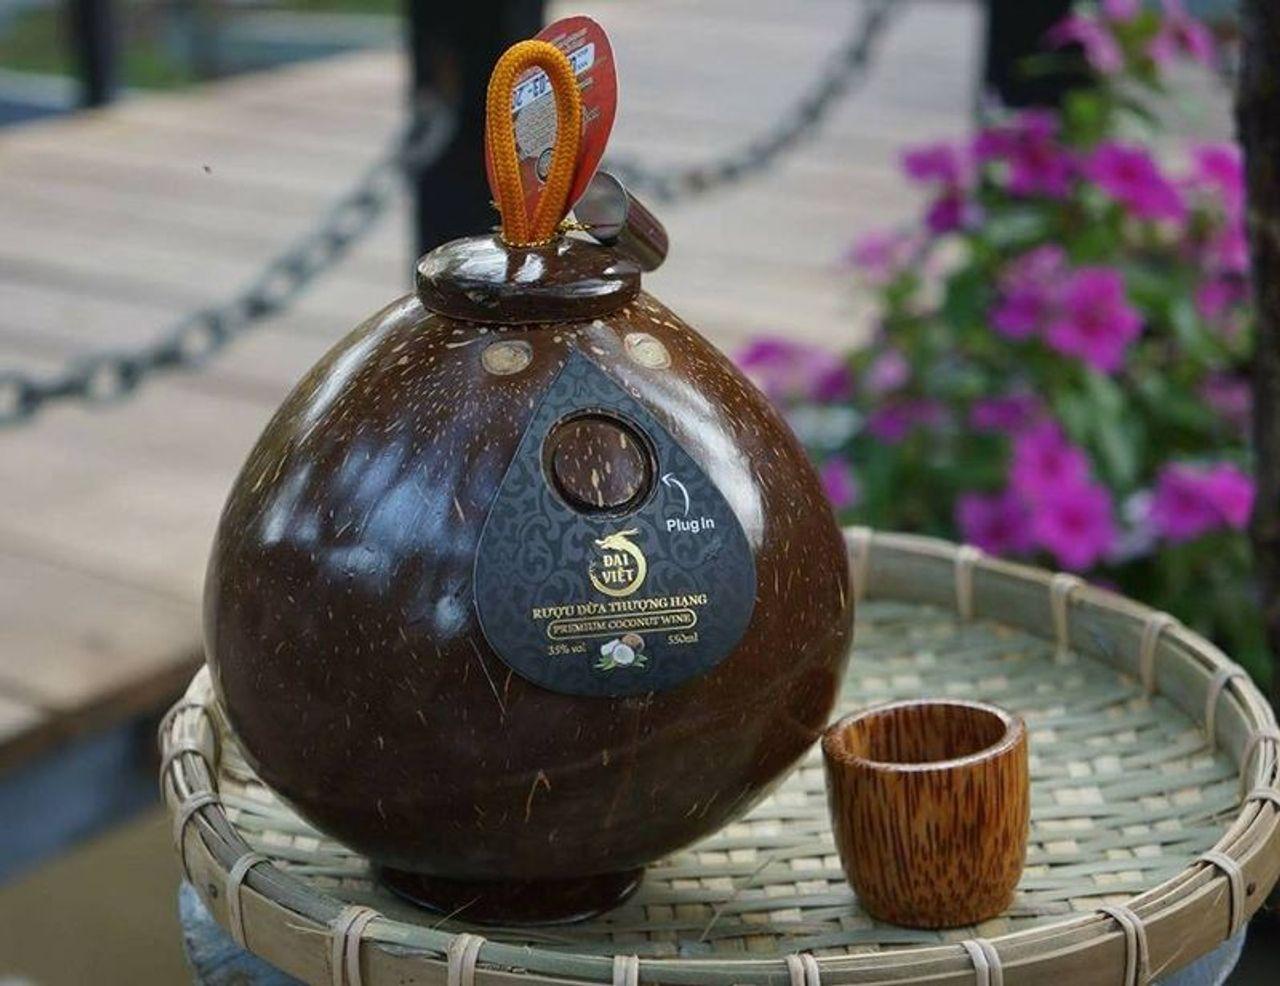 Rượu dừa đại việt - đặc sản bến tre giá sỉ , giá bán buôn